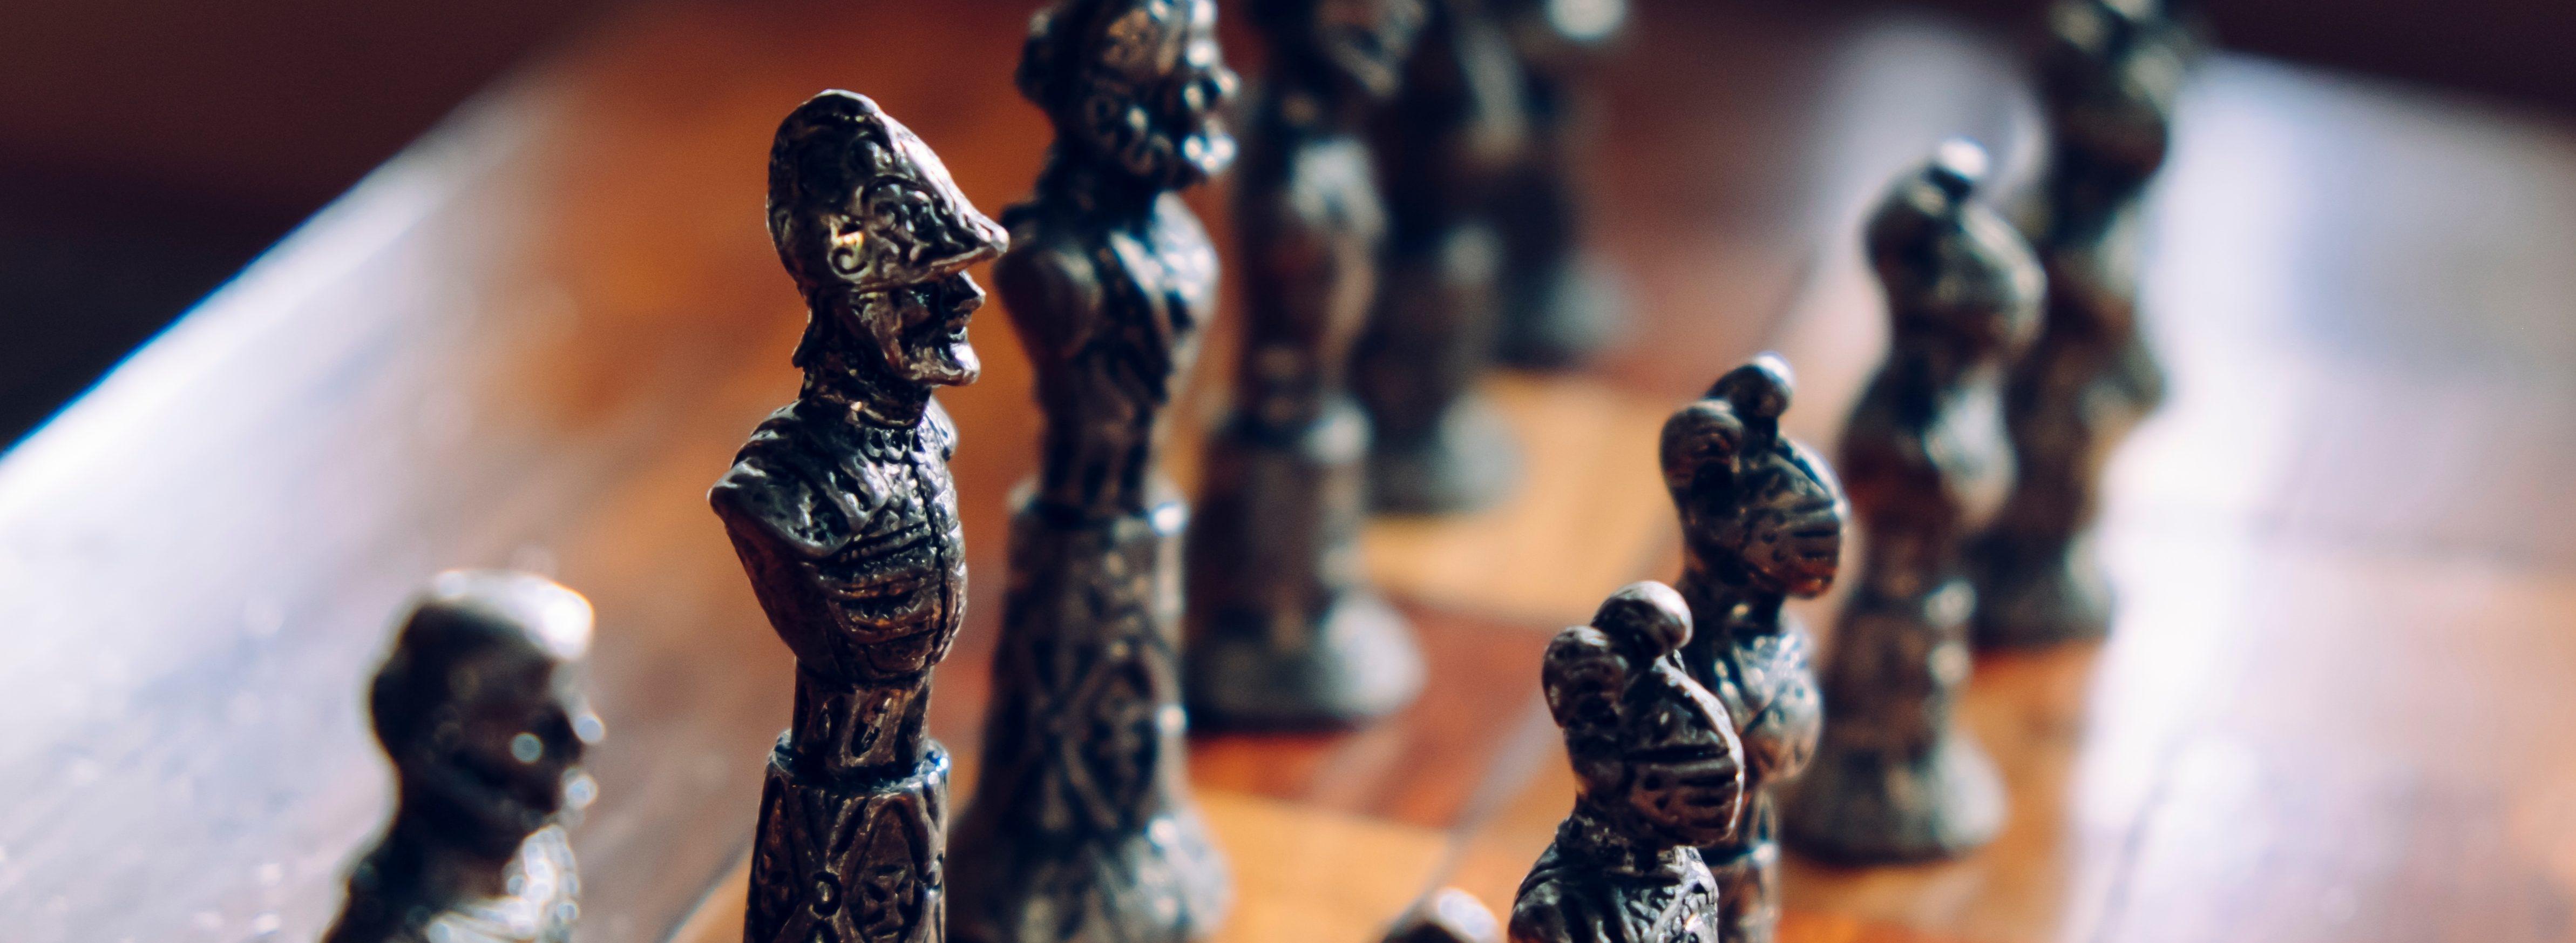 Philosophie, Schach